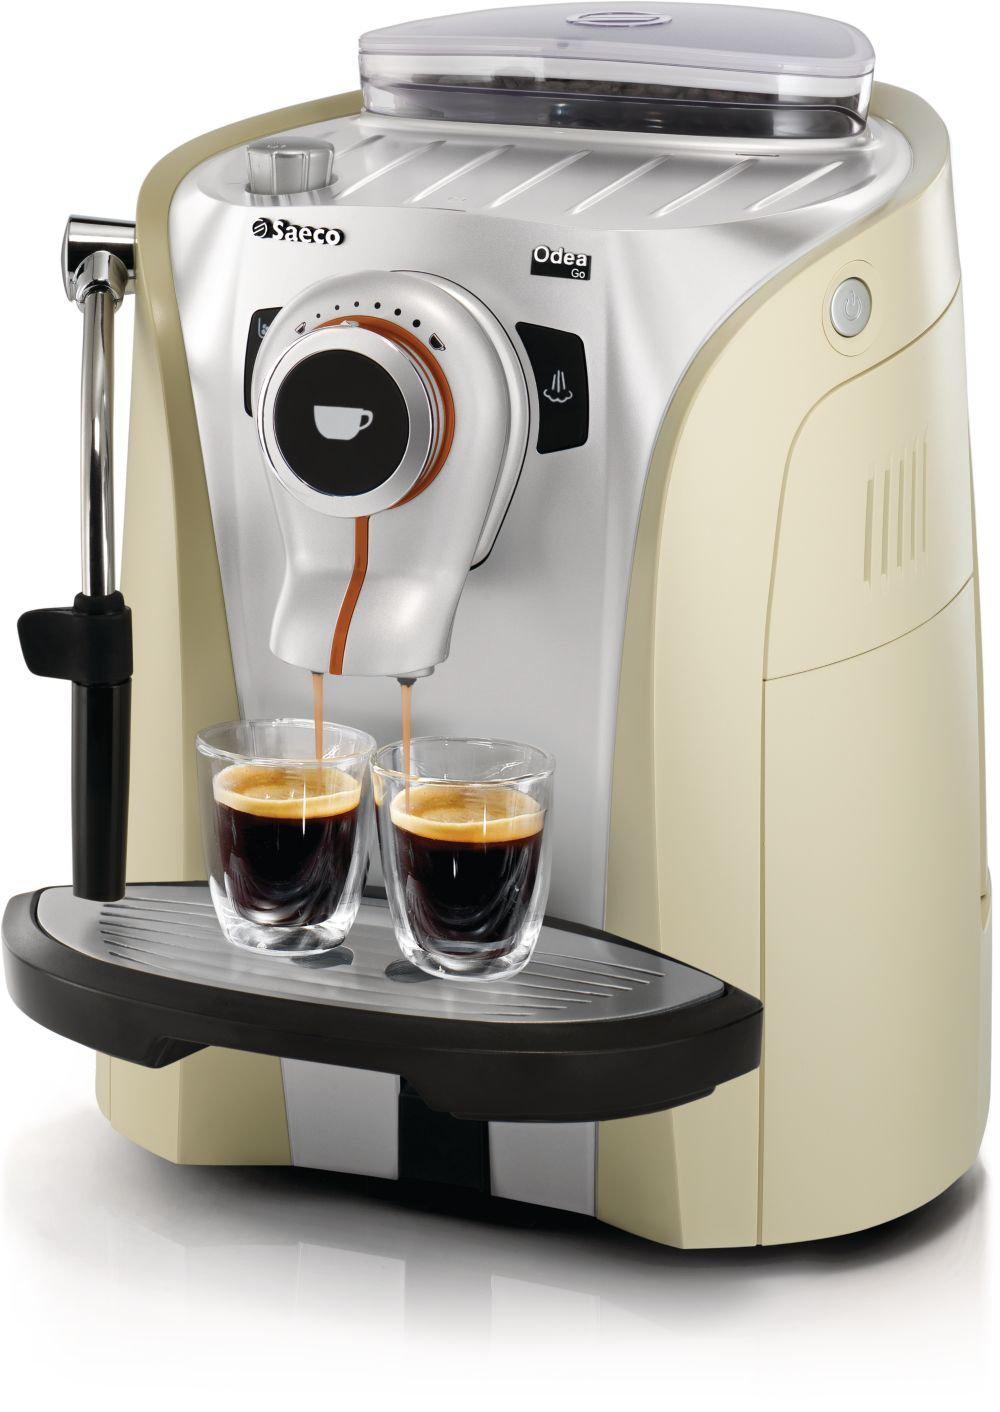 Machine à Espresso Odea Vanilla Automatique avec broyeur de grains  (couleur Vanille)